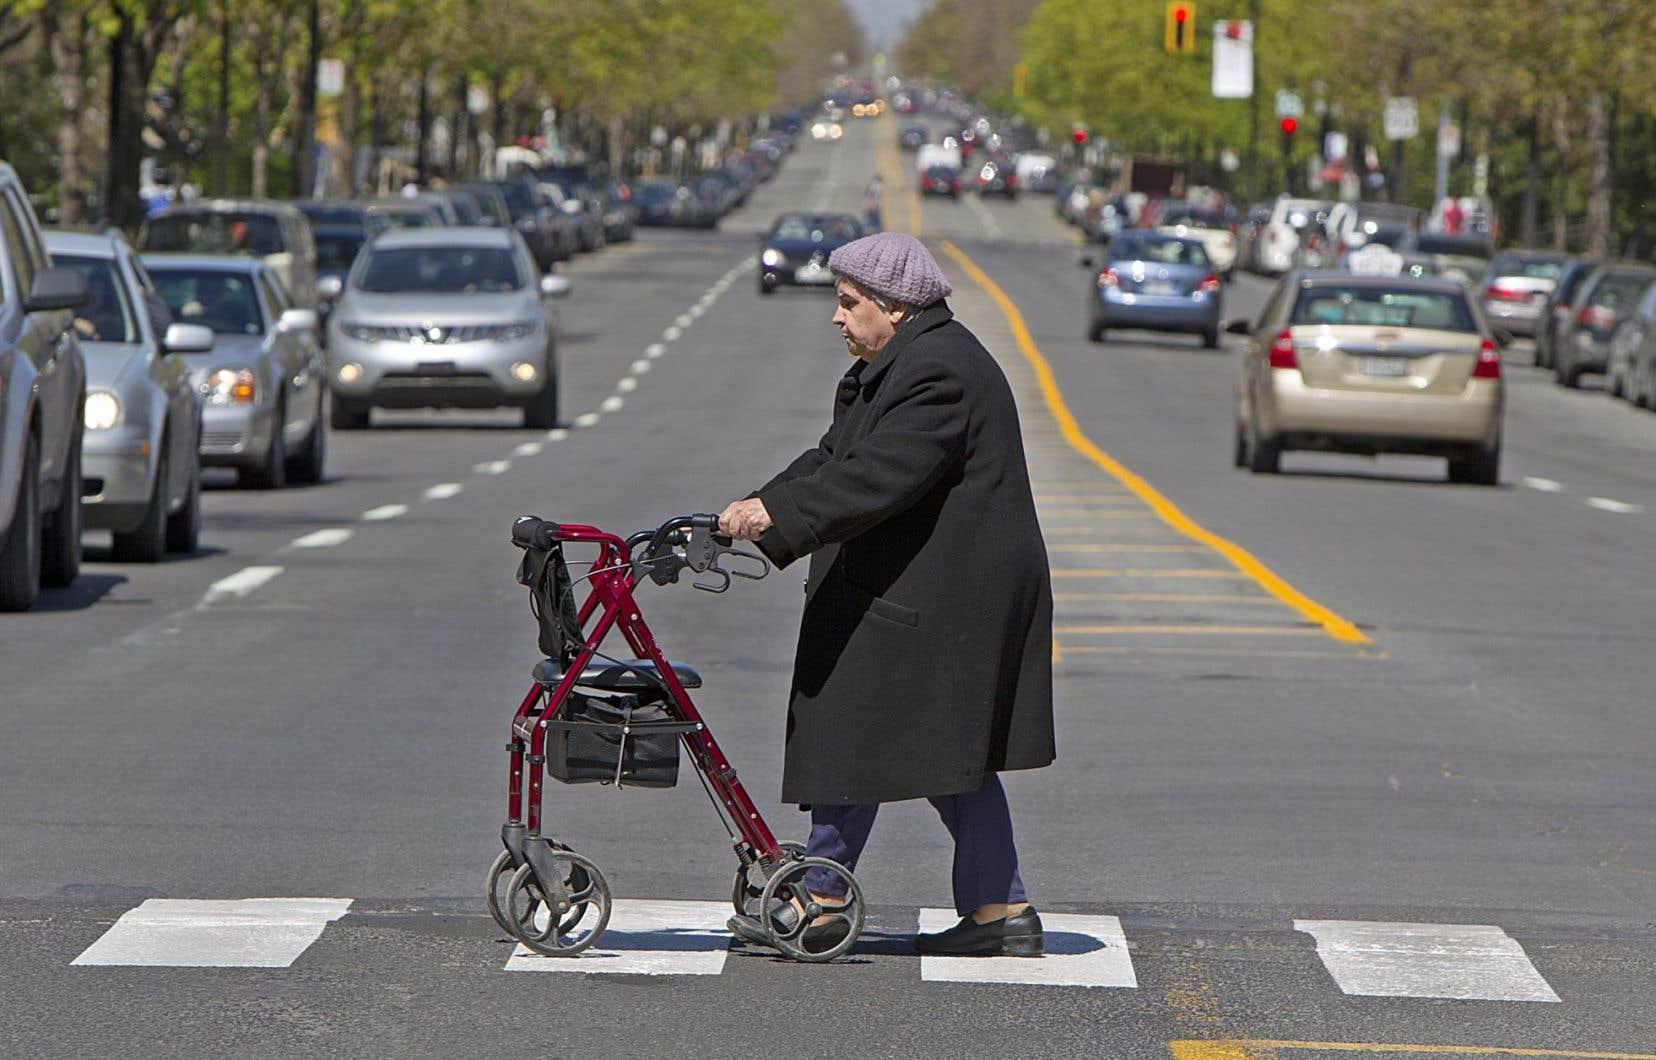 Le bilan routier de la SAAQ précise que plus de la moitié (soit 55,6%) des piétons décédés l'année passée étaient âgés de 65ans et plus.